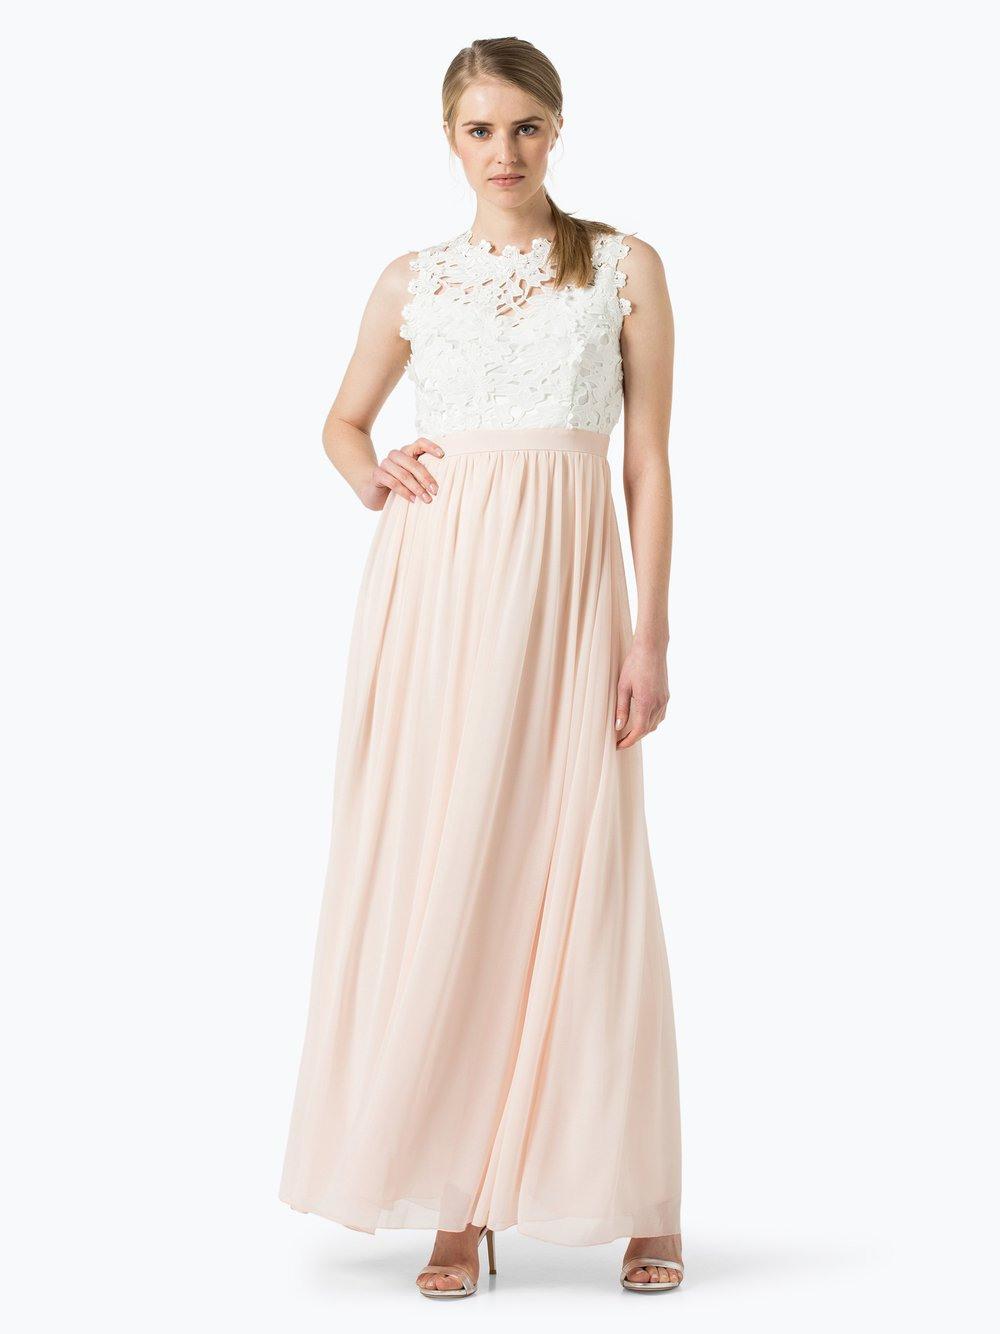 20 Wunderbar P&C Abend Kleid für 2019Abend Großartig P&C Abend Kleid Spezialgebiet